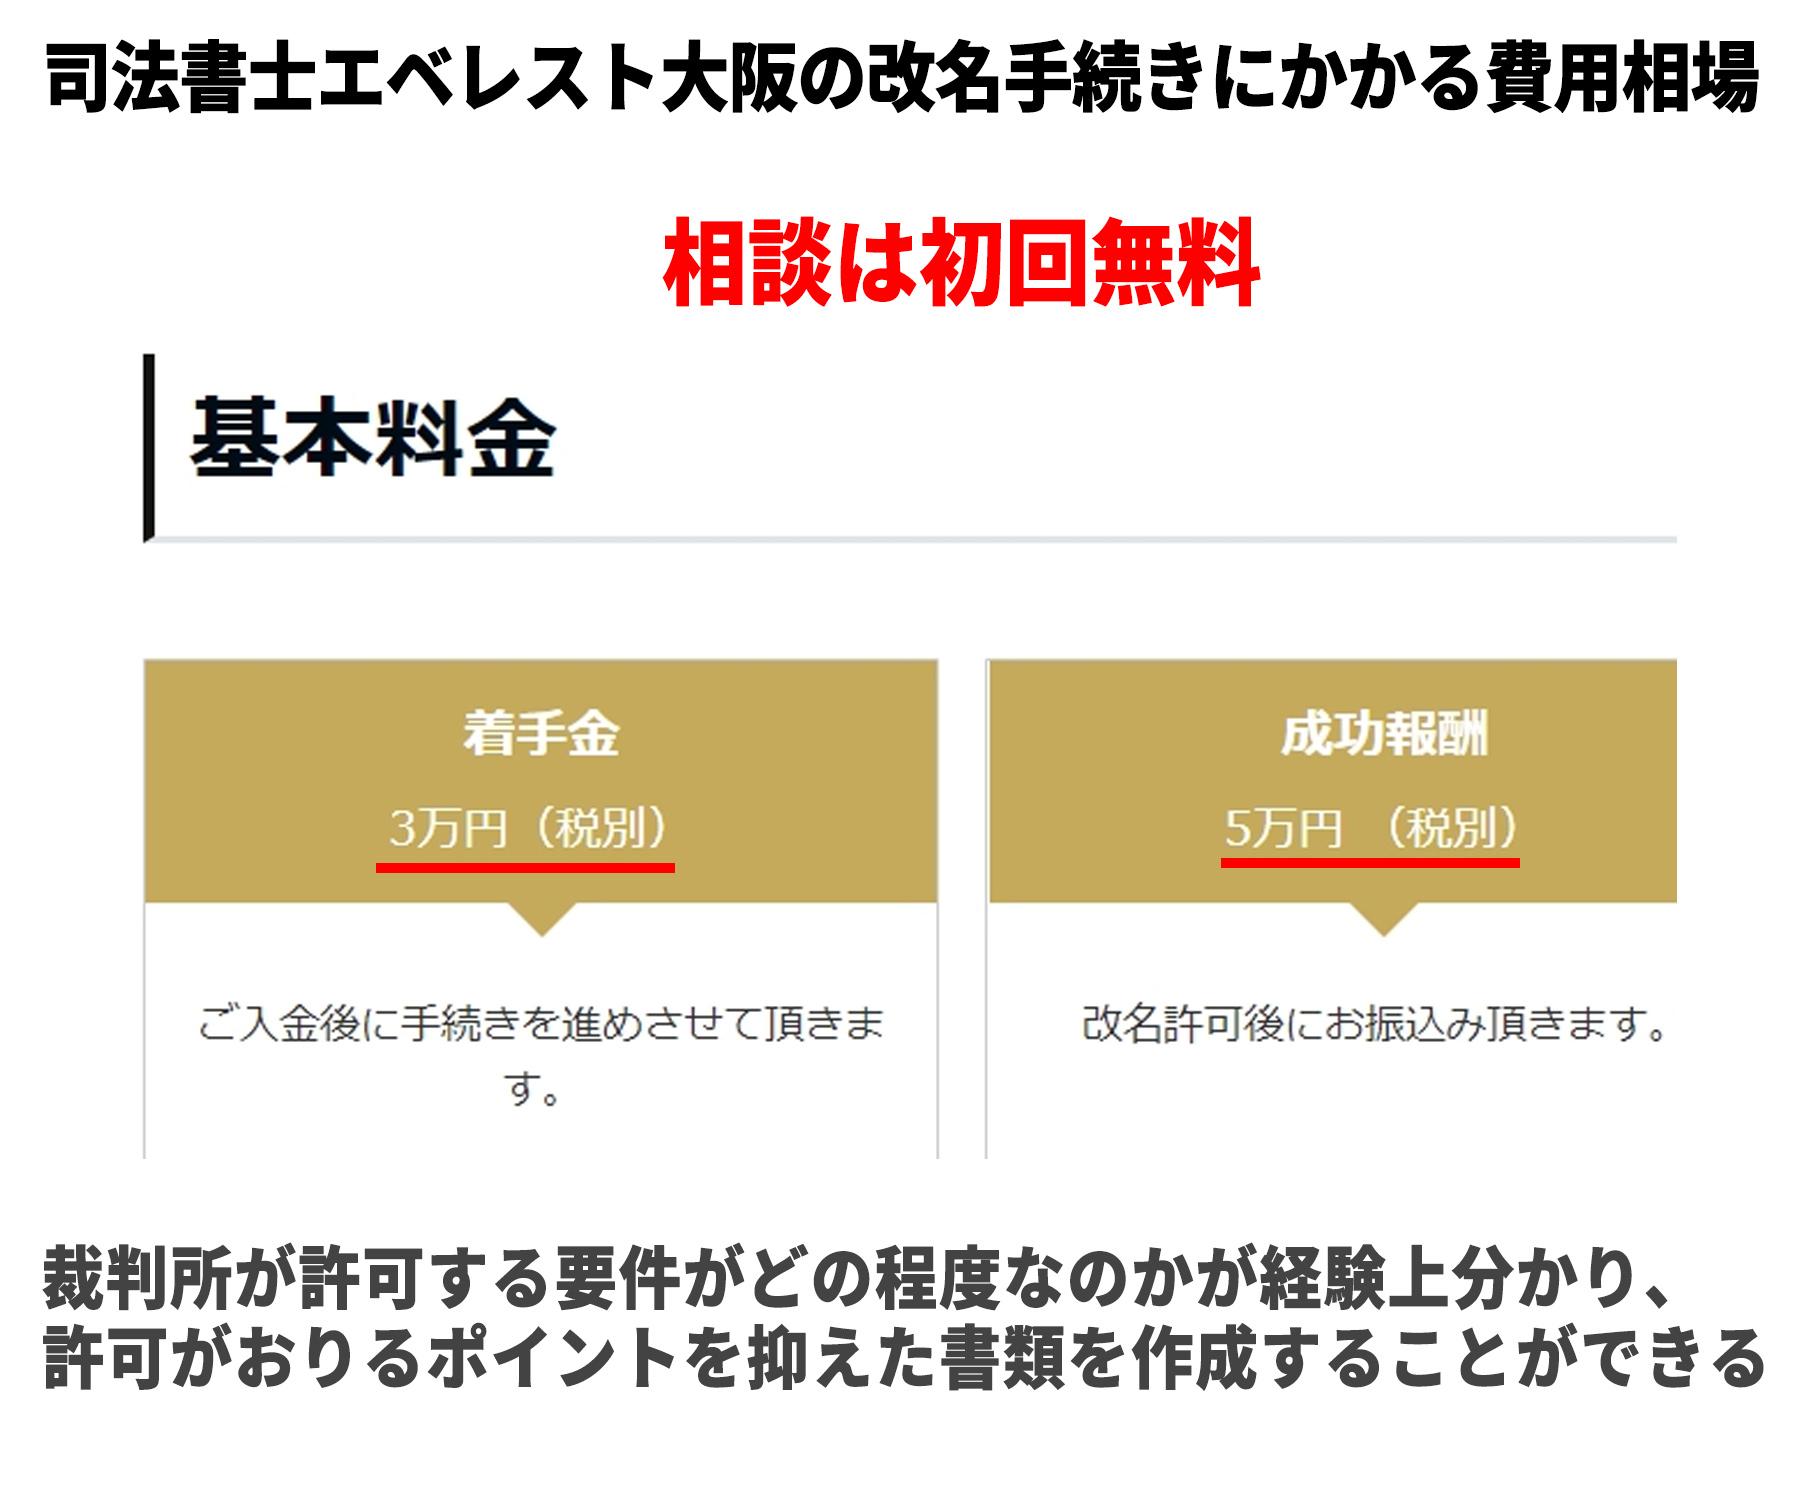 司法書士エベレスト大阪の改名手続きにかかる費用相場